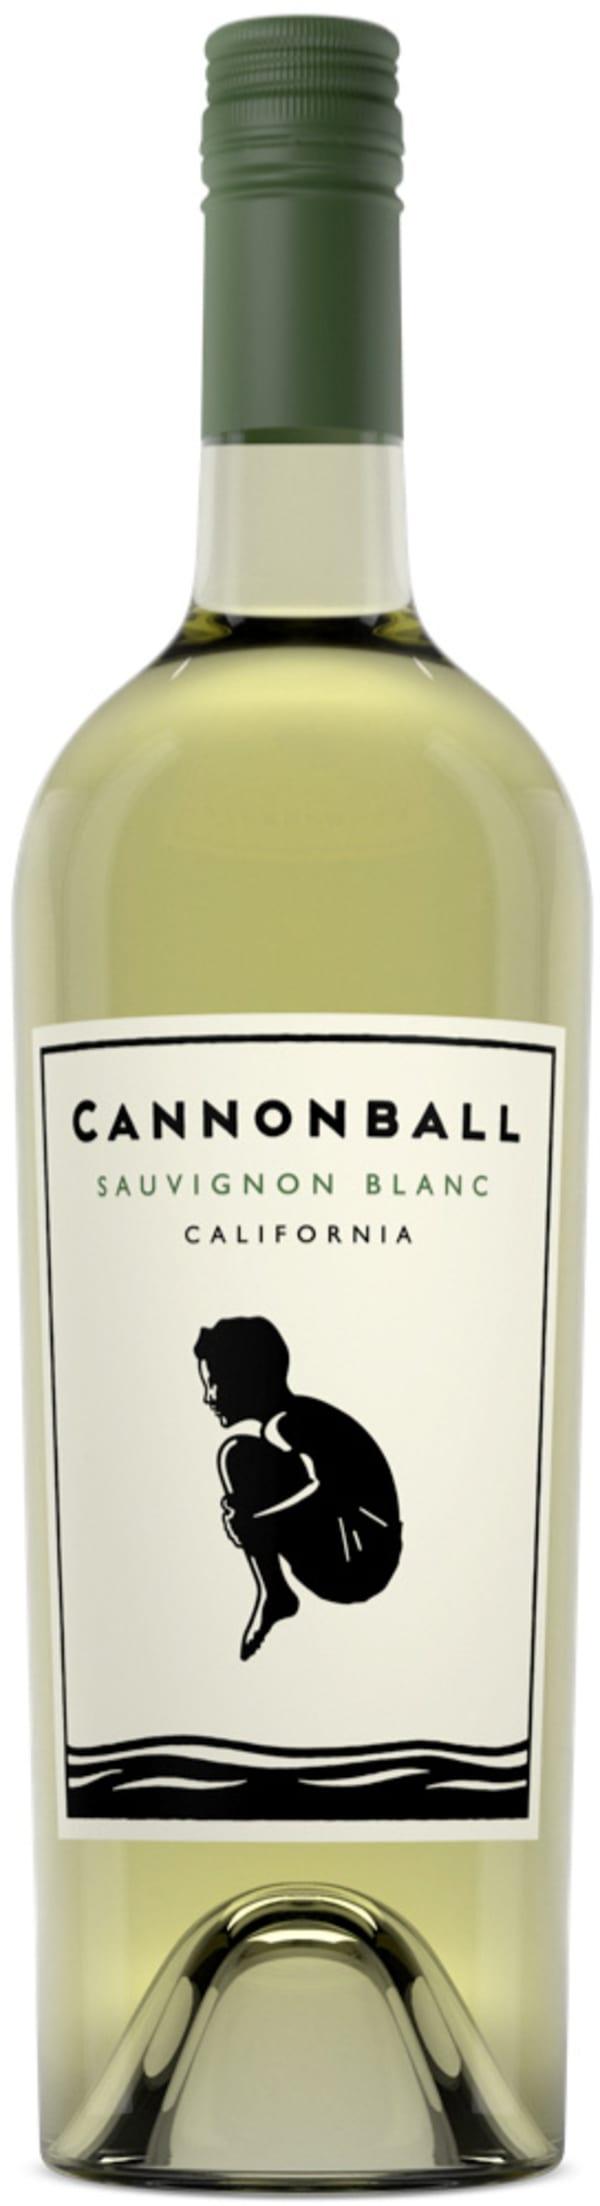 Cannonball Sauvignon Blanc 2016